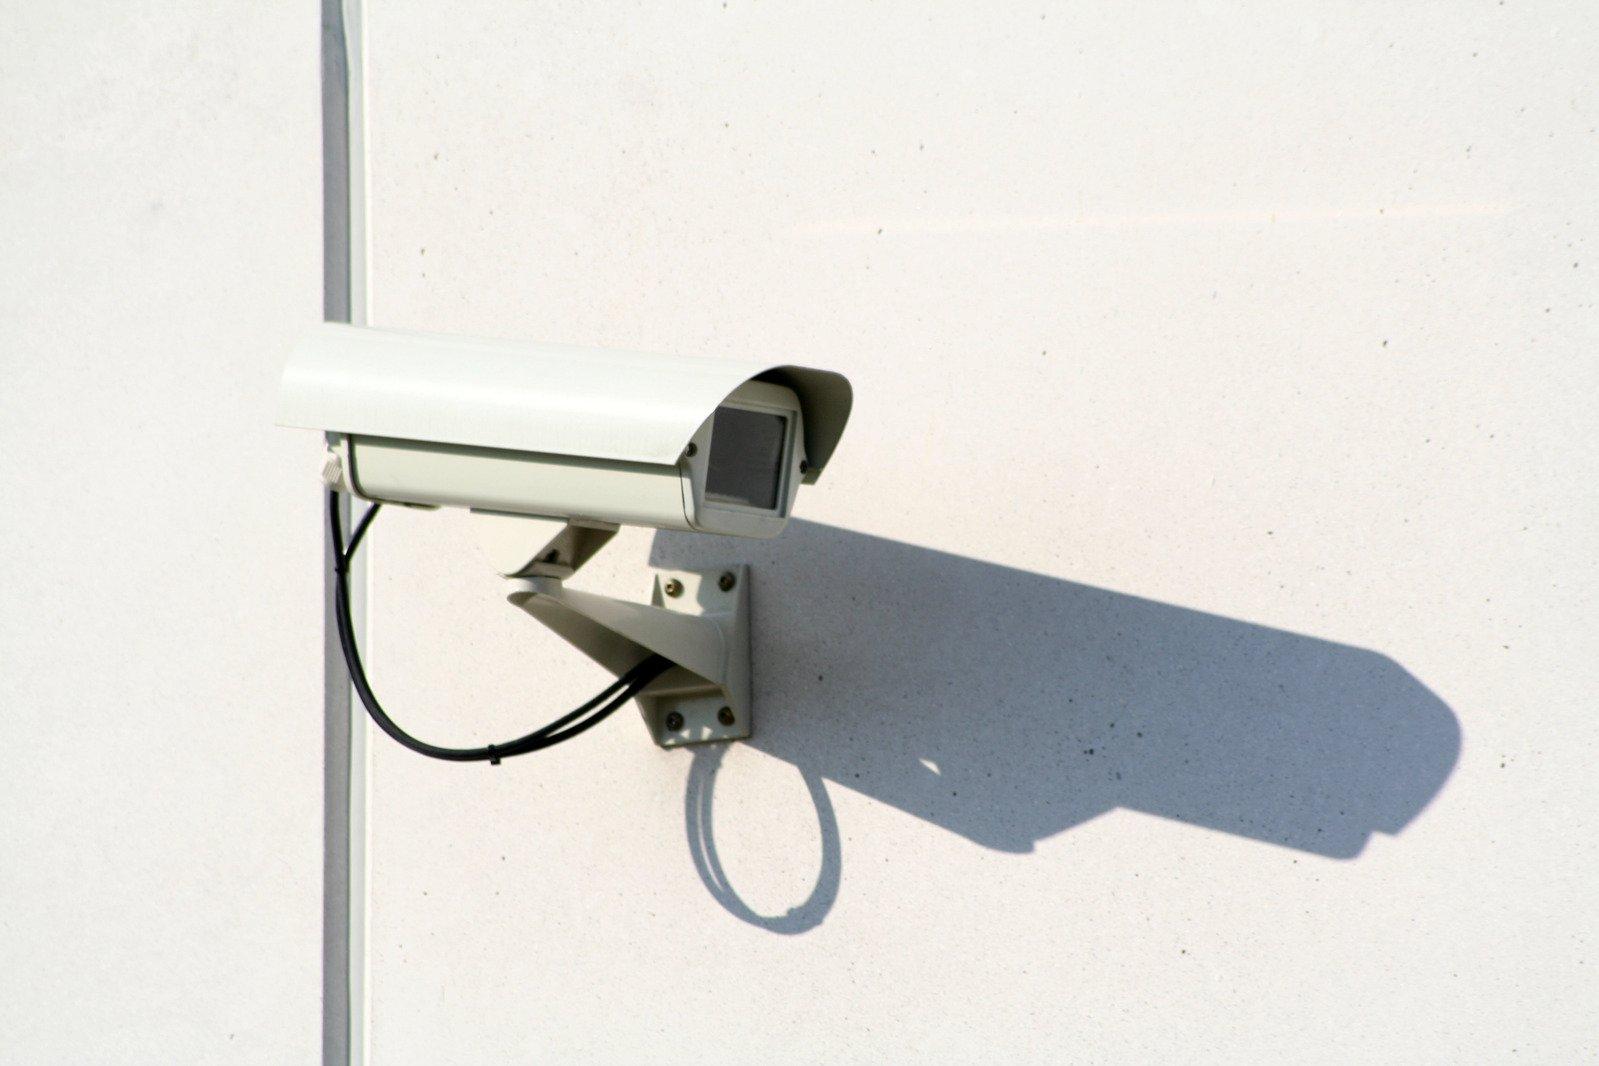 48 камери ще помагат за сигурността в Поморие